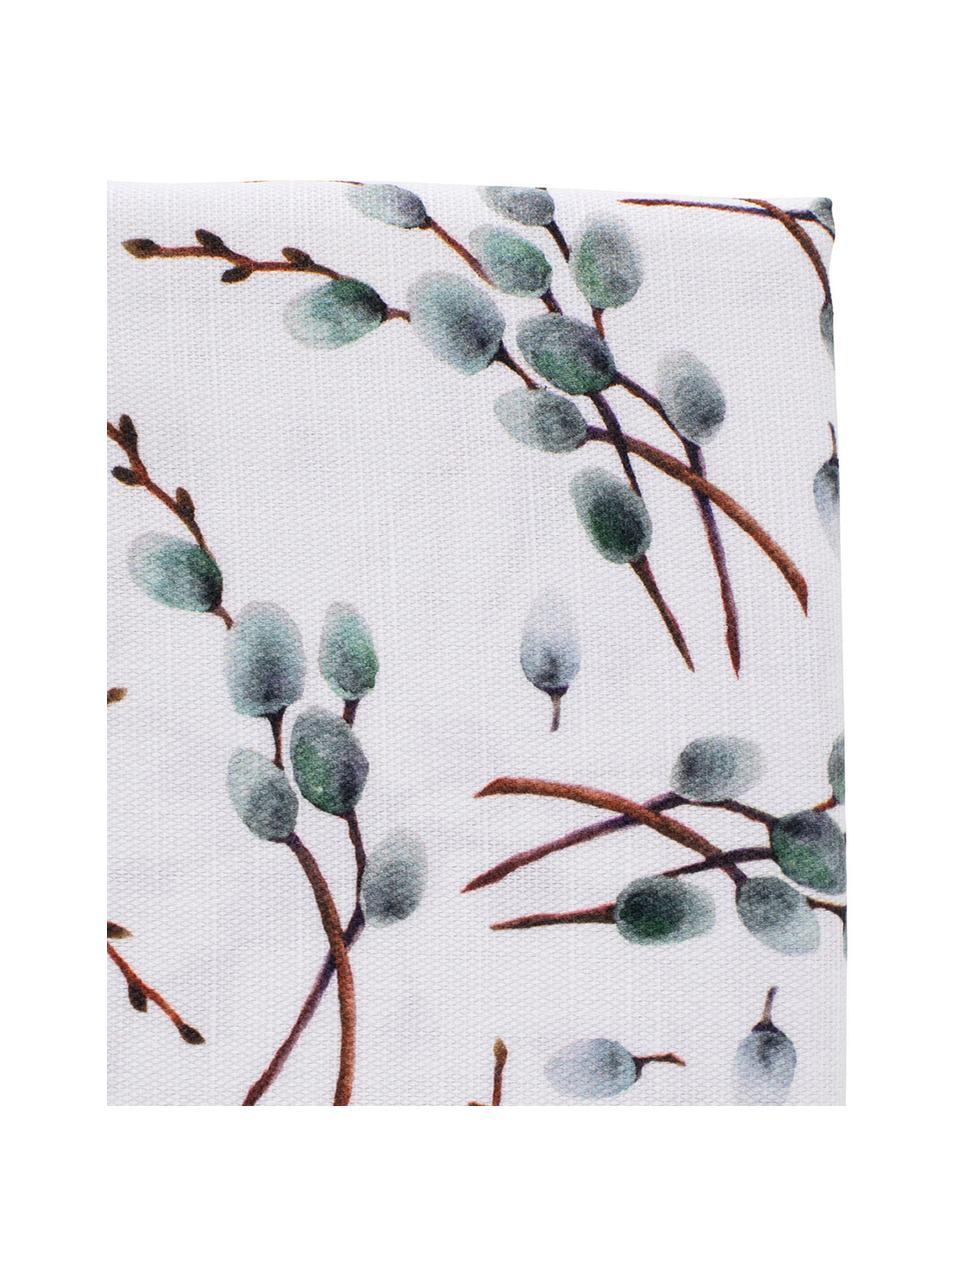 Obrus z bawełny Genevrier, Bawełna, Biały, szary, brązowy, Dla 4-6 osób (S 160 x D 160 cm)